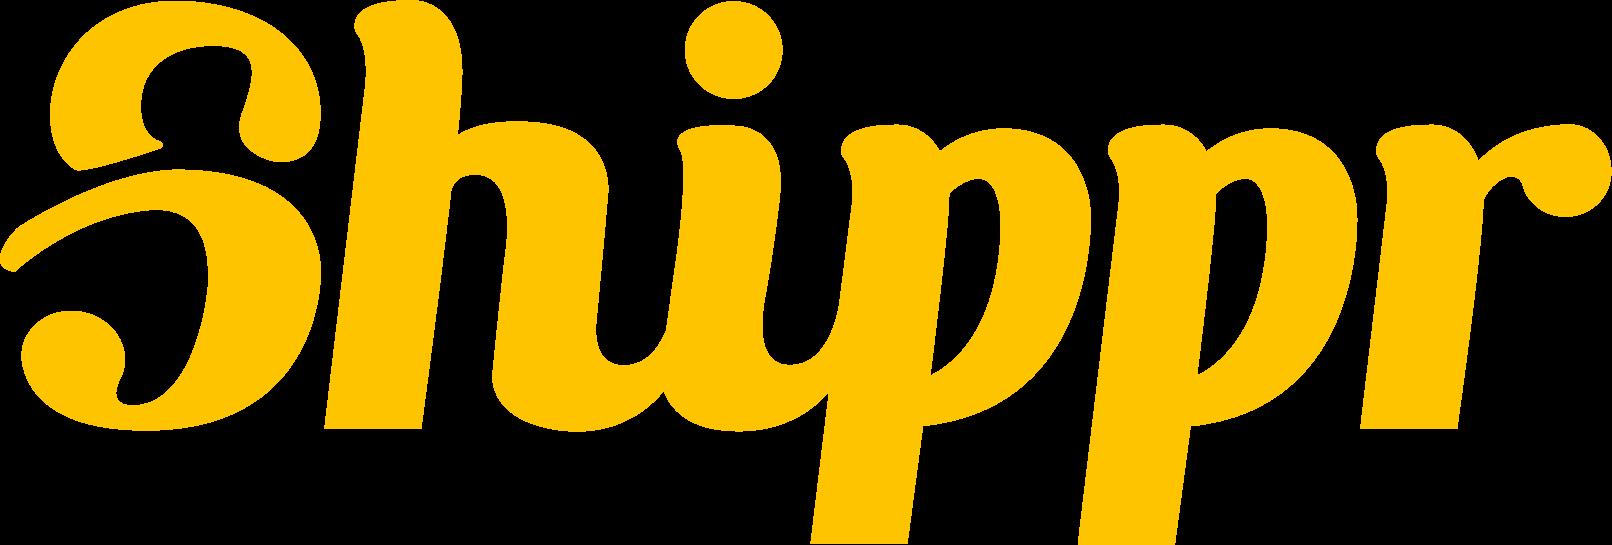 Shippr magazine